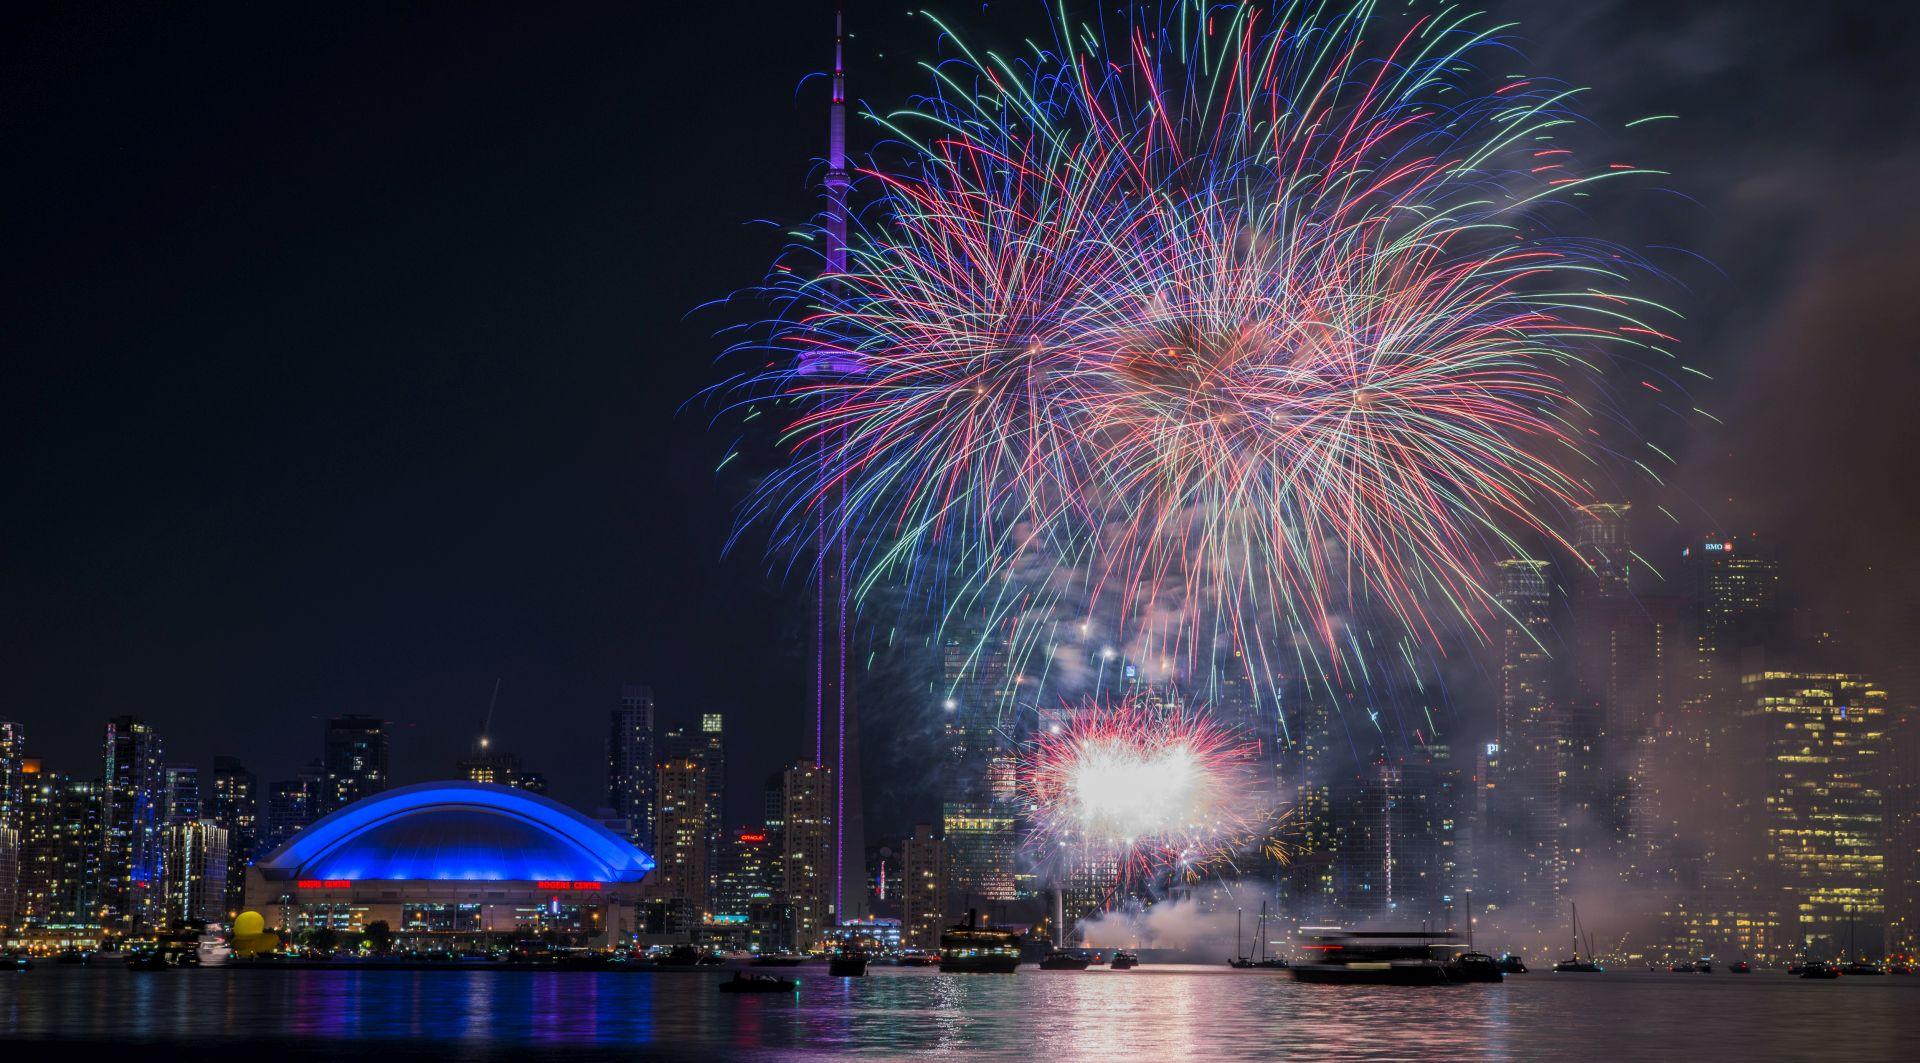 OTTAWA Velika proslave 150. godišnjice osnutka Kanade